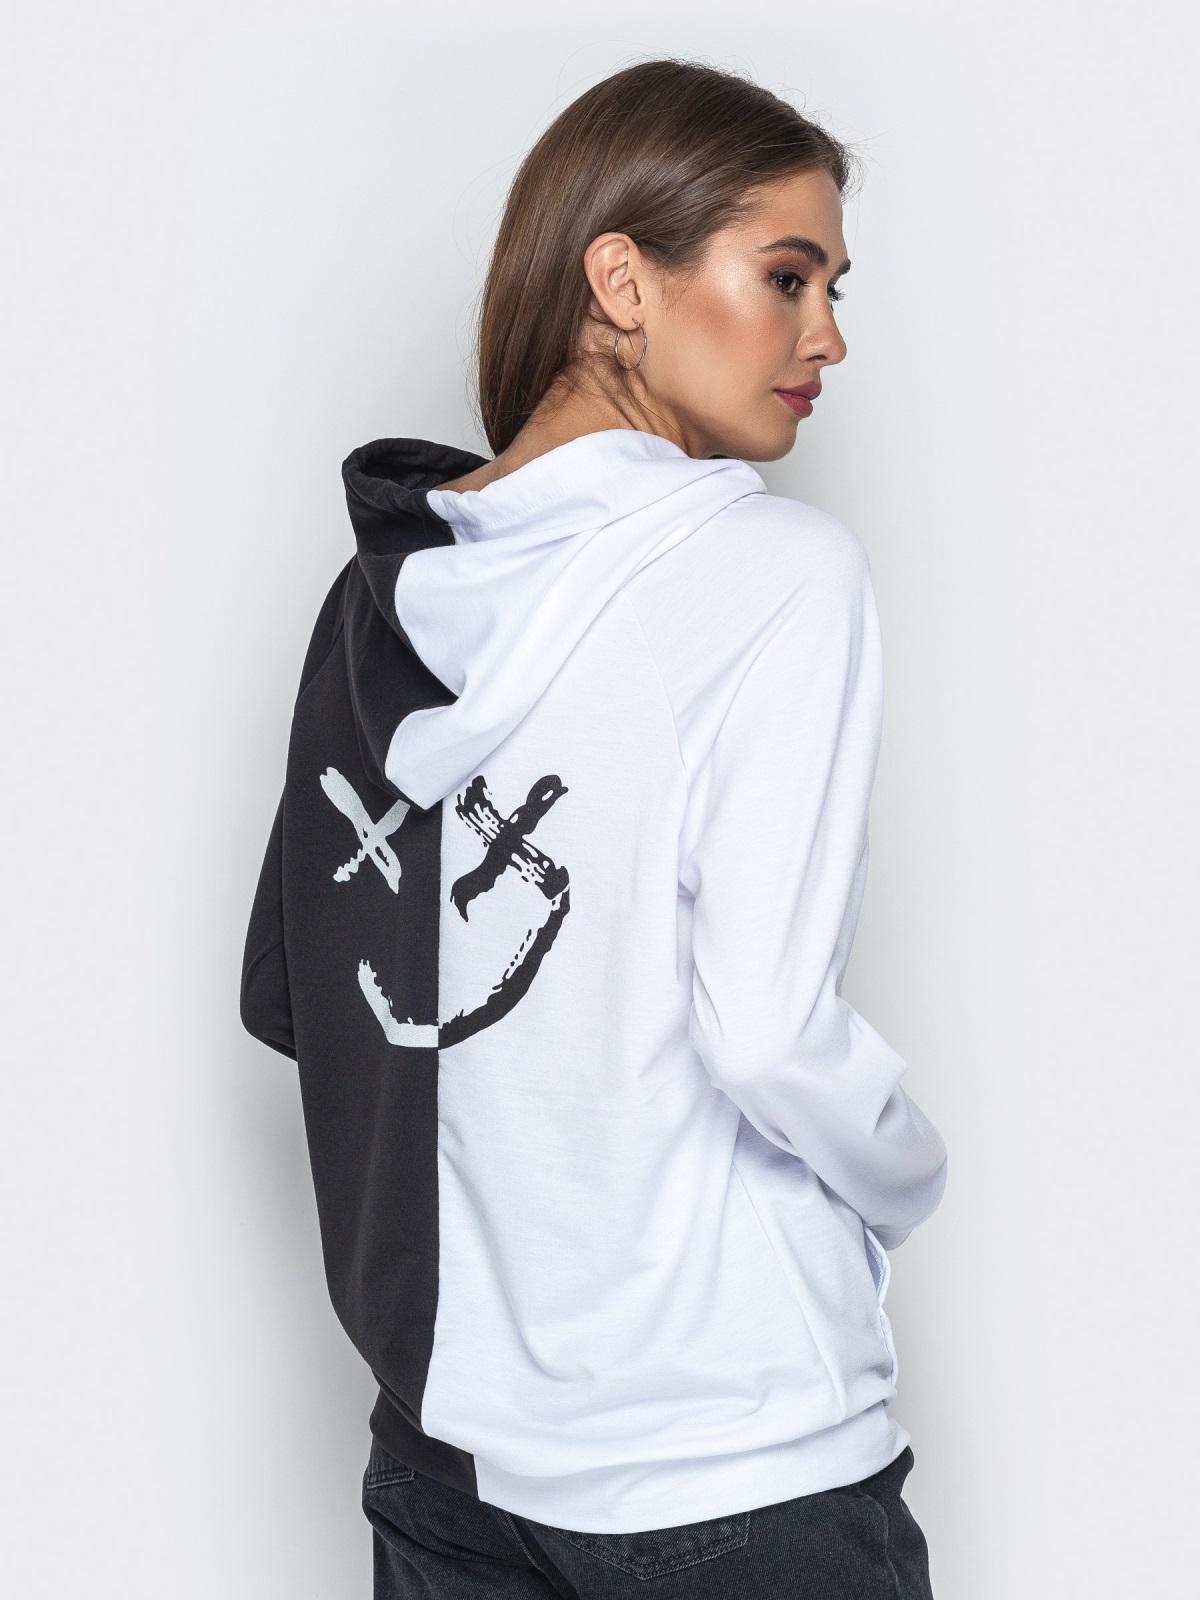 Чёрно-белое худи с капюшоном и карманом-кенгуру - 21129, фото 1 – интернет-магазин Dressa